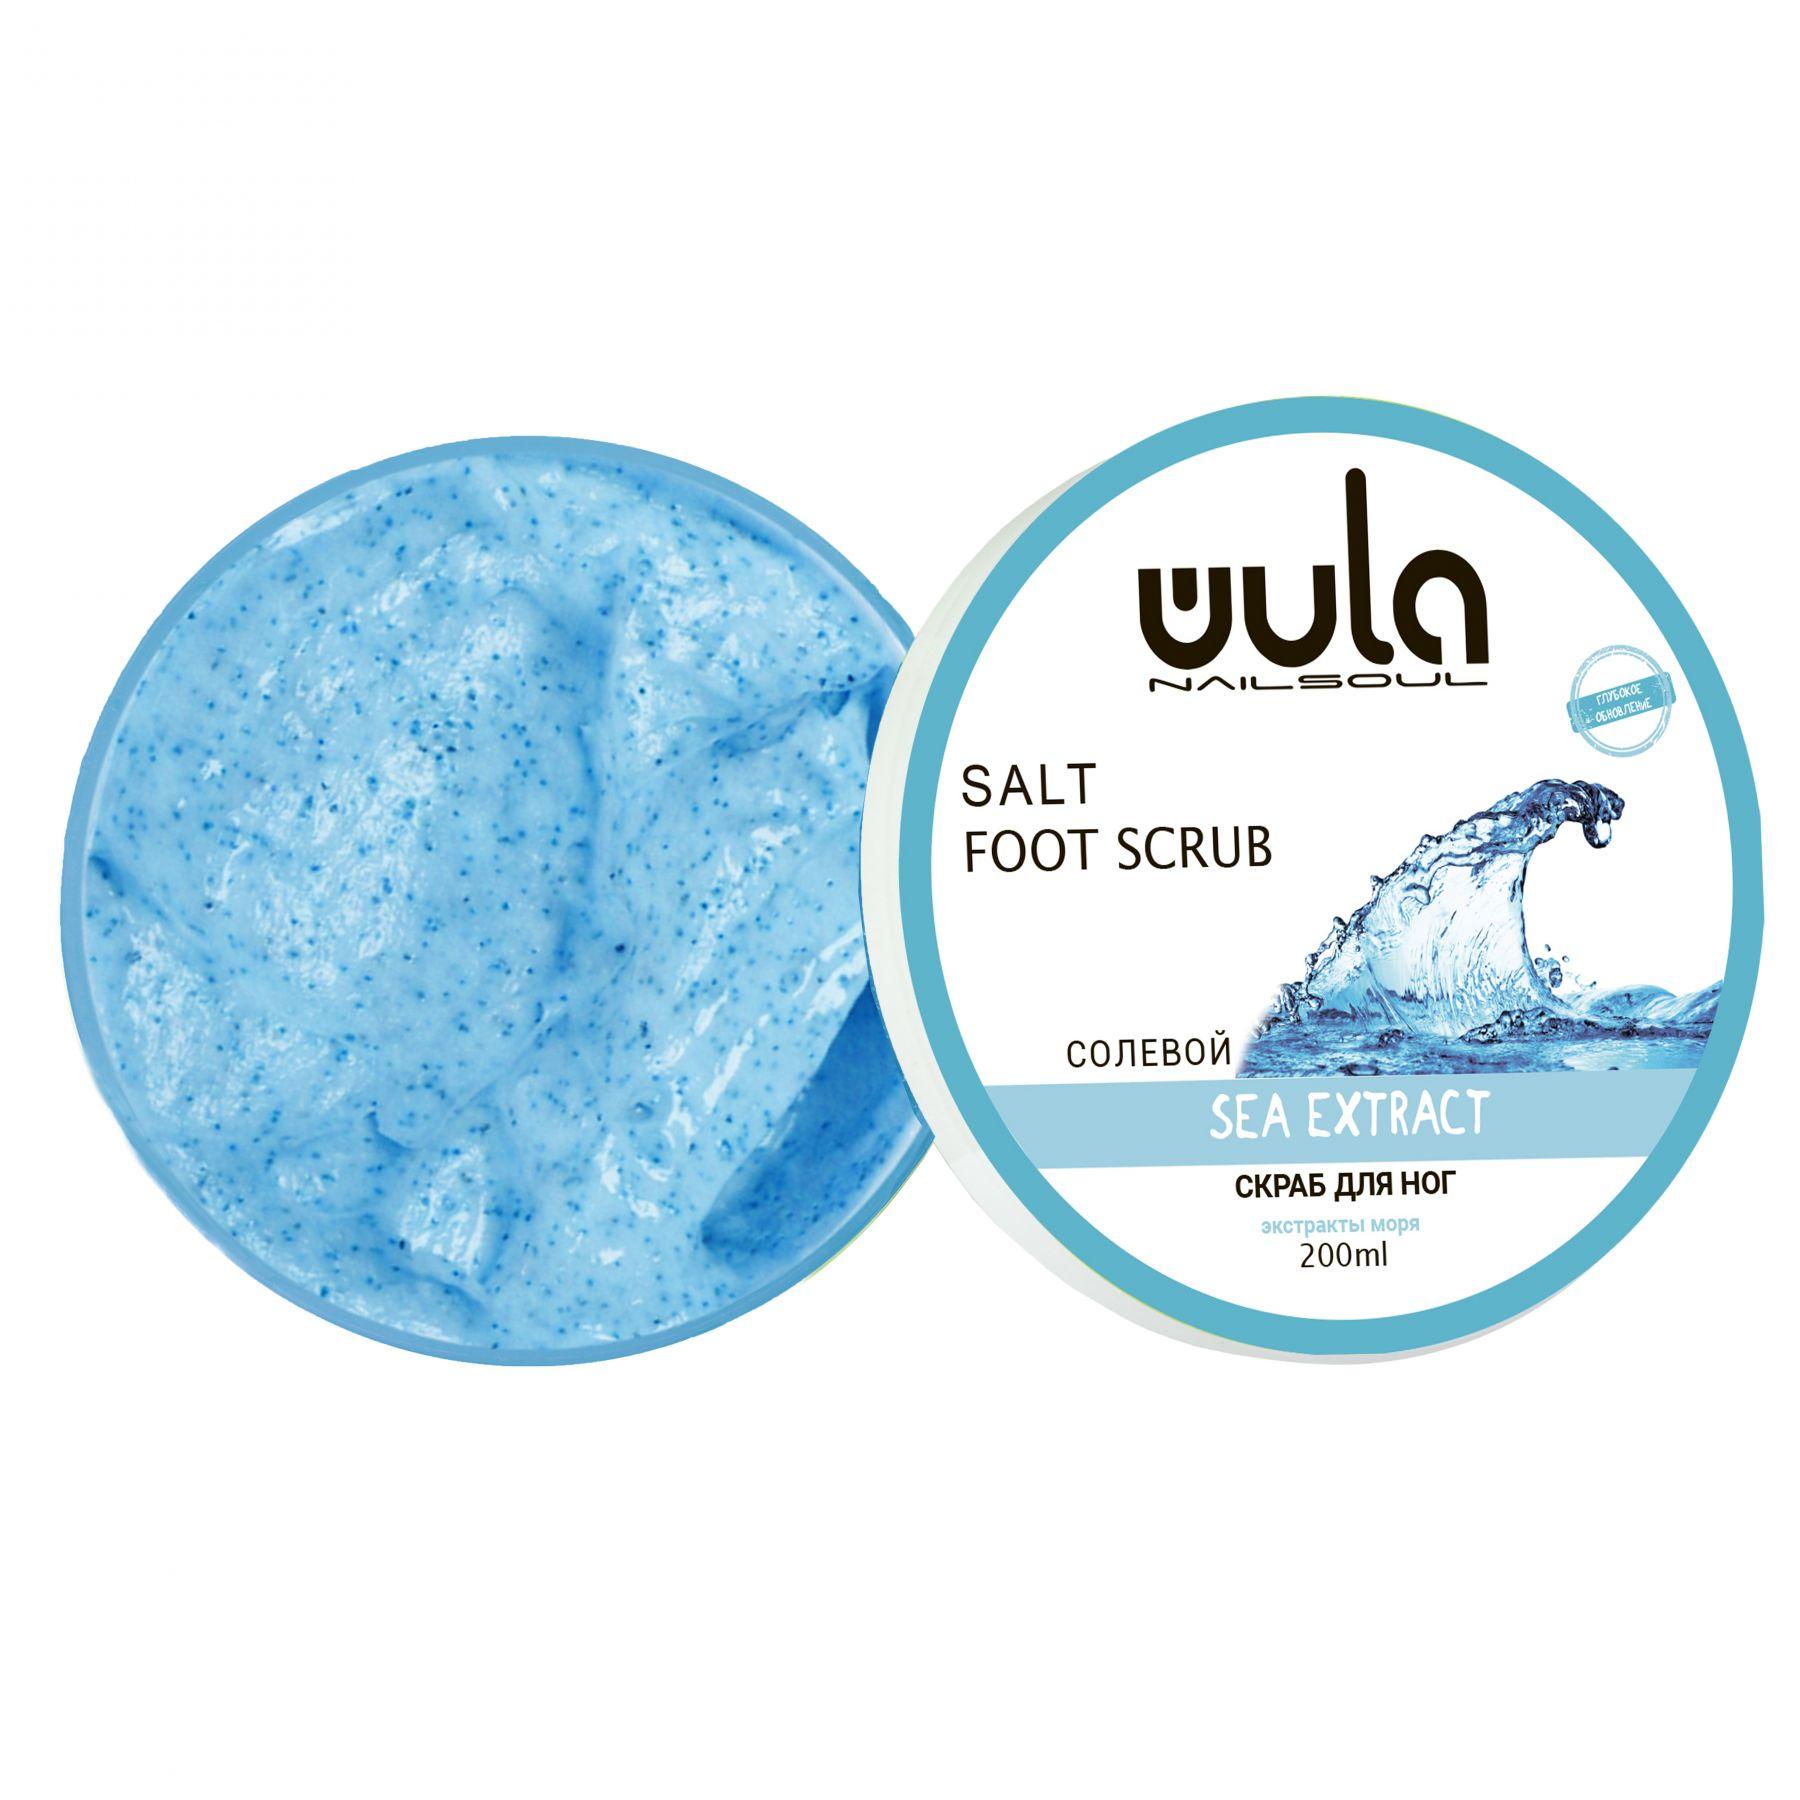 Купить Wula nailsoul солевой скраб для ног Экстракты моря 200 мл